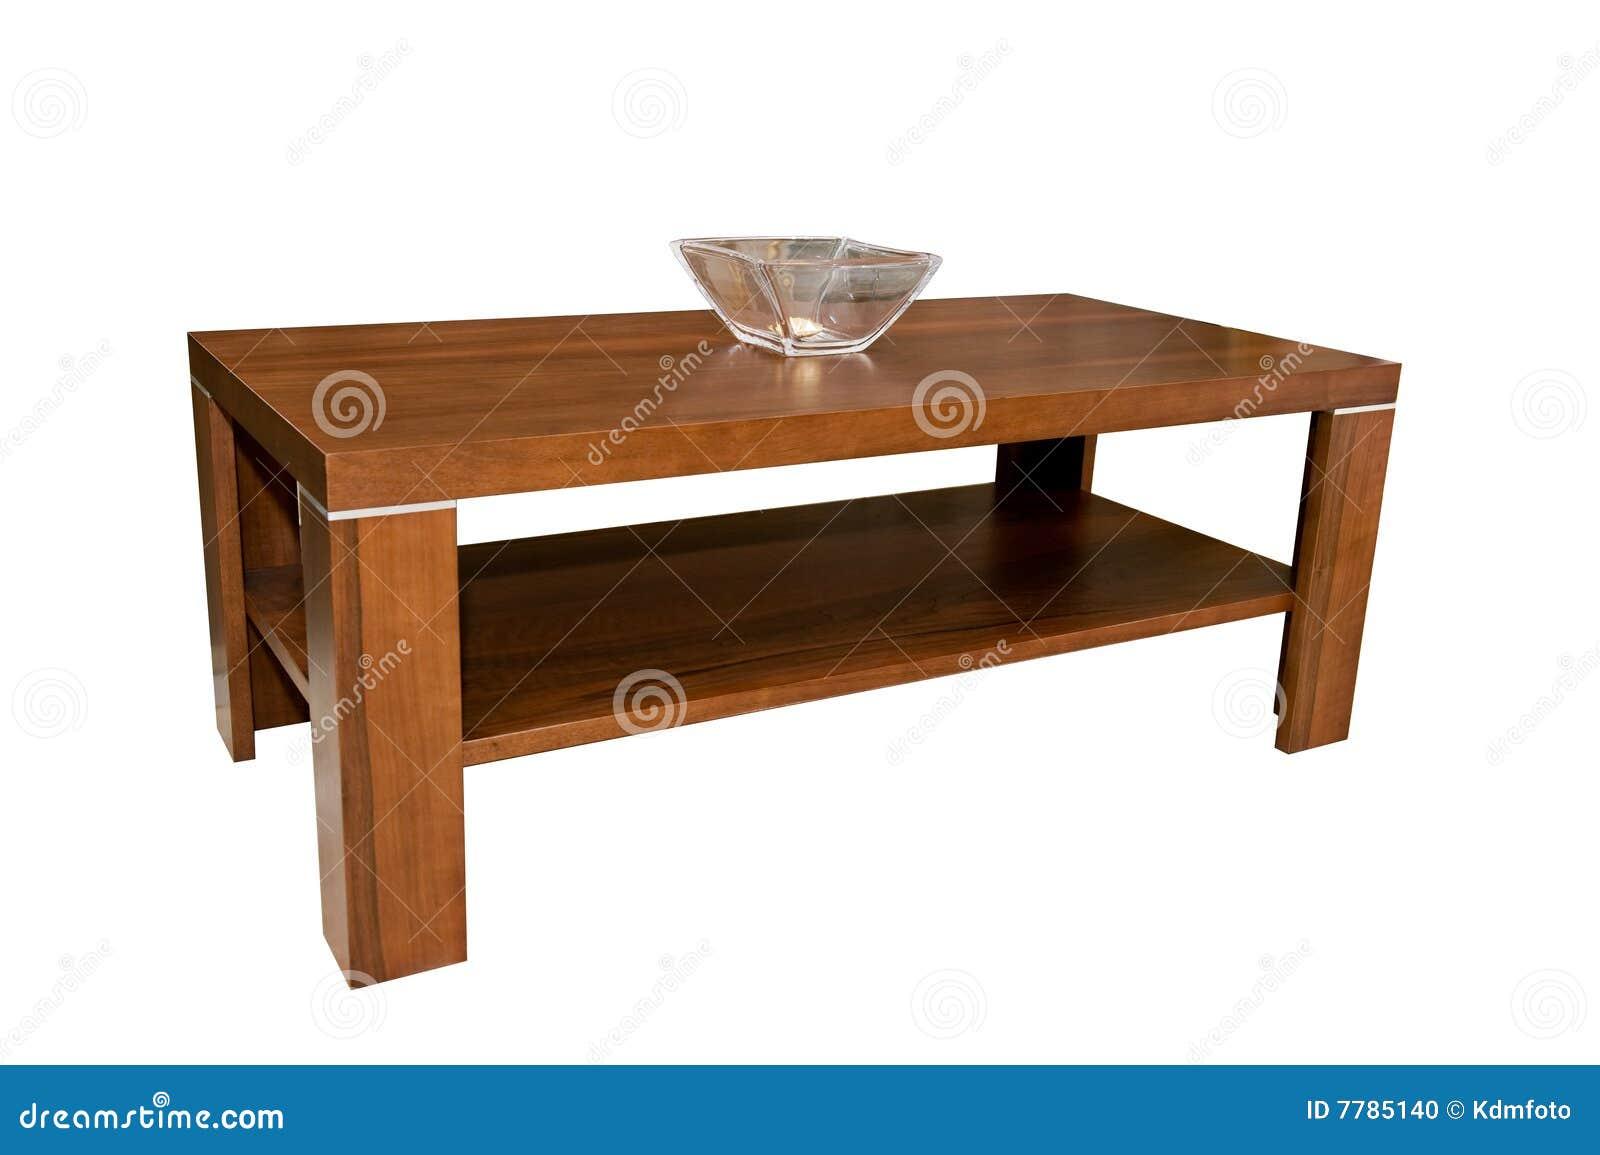 ikea tavolino da salotto: mercatone uno tavolini da salotto ... - Tavoli Soggiorno Moderni Ikea